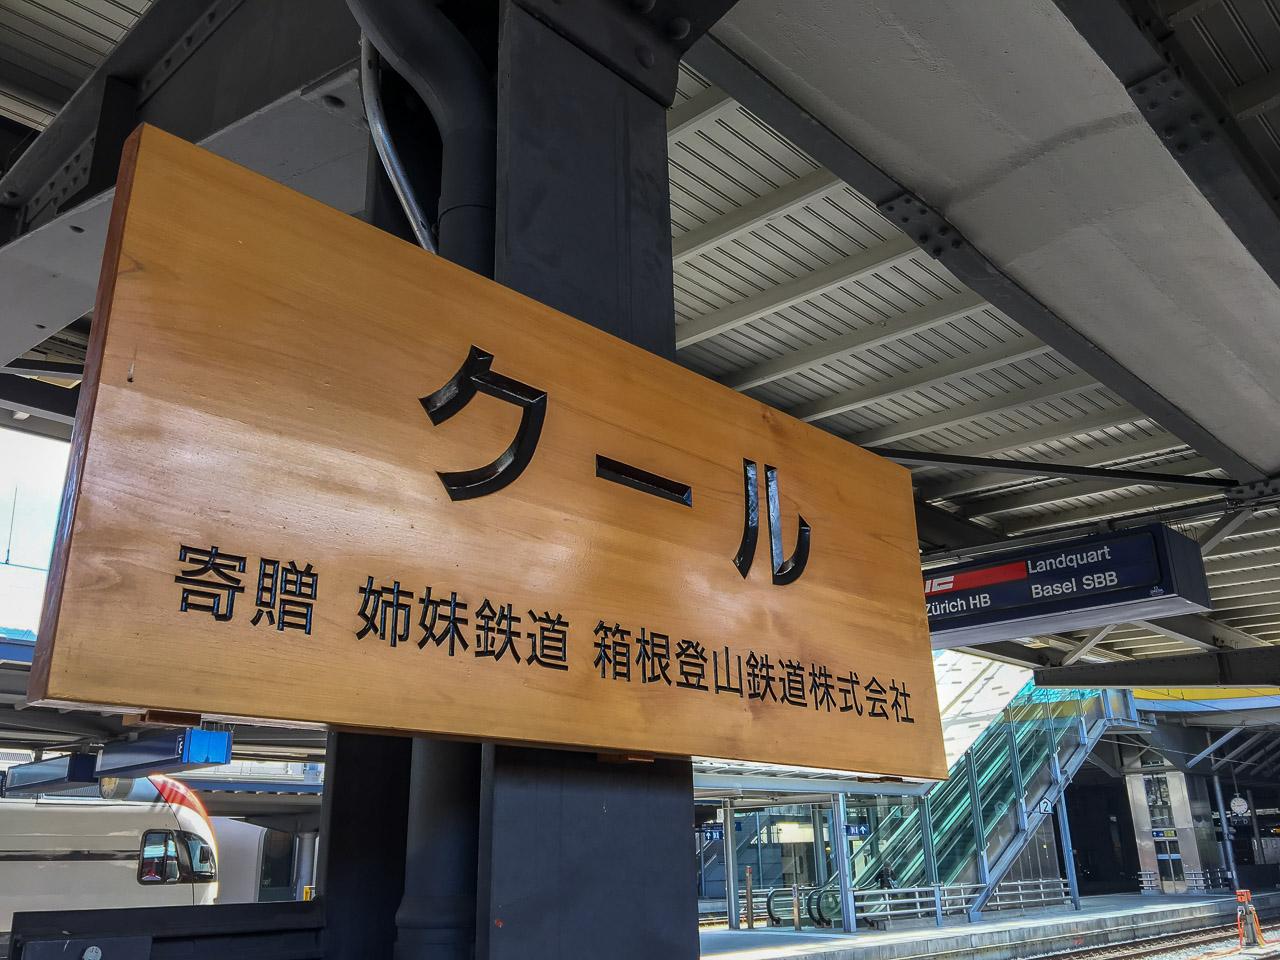 Chur Bahnhof